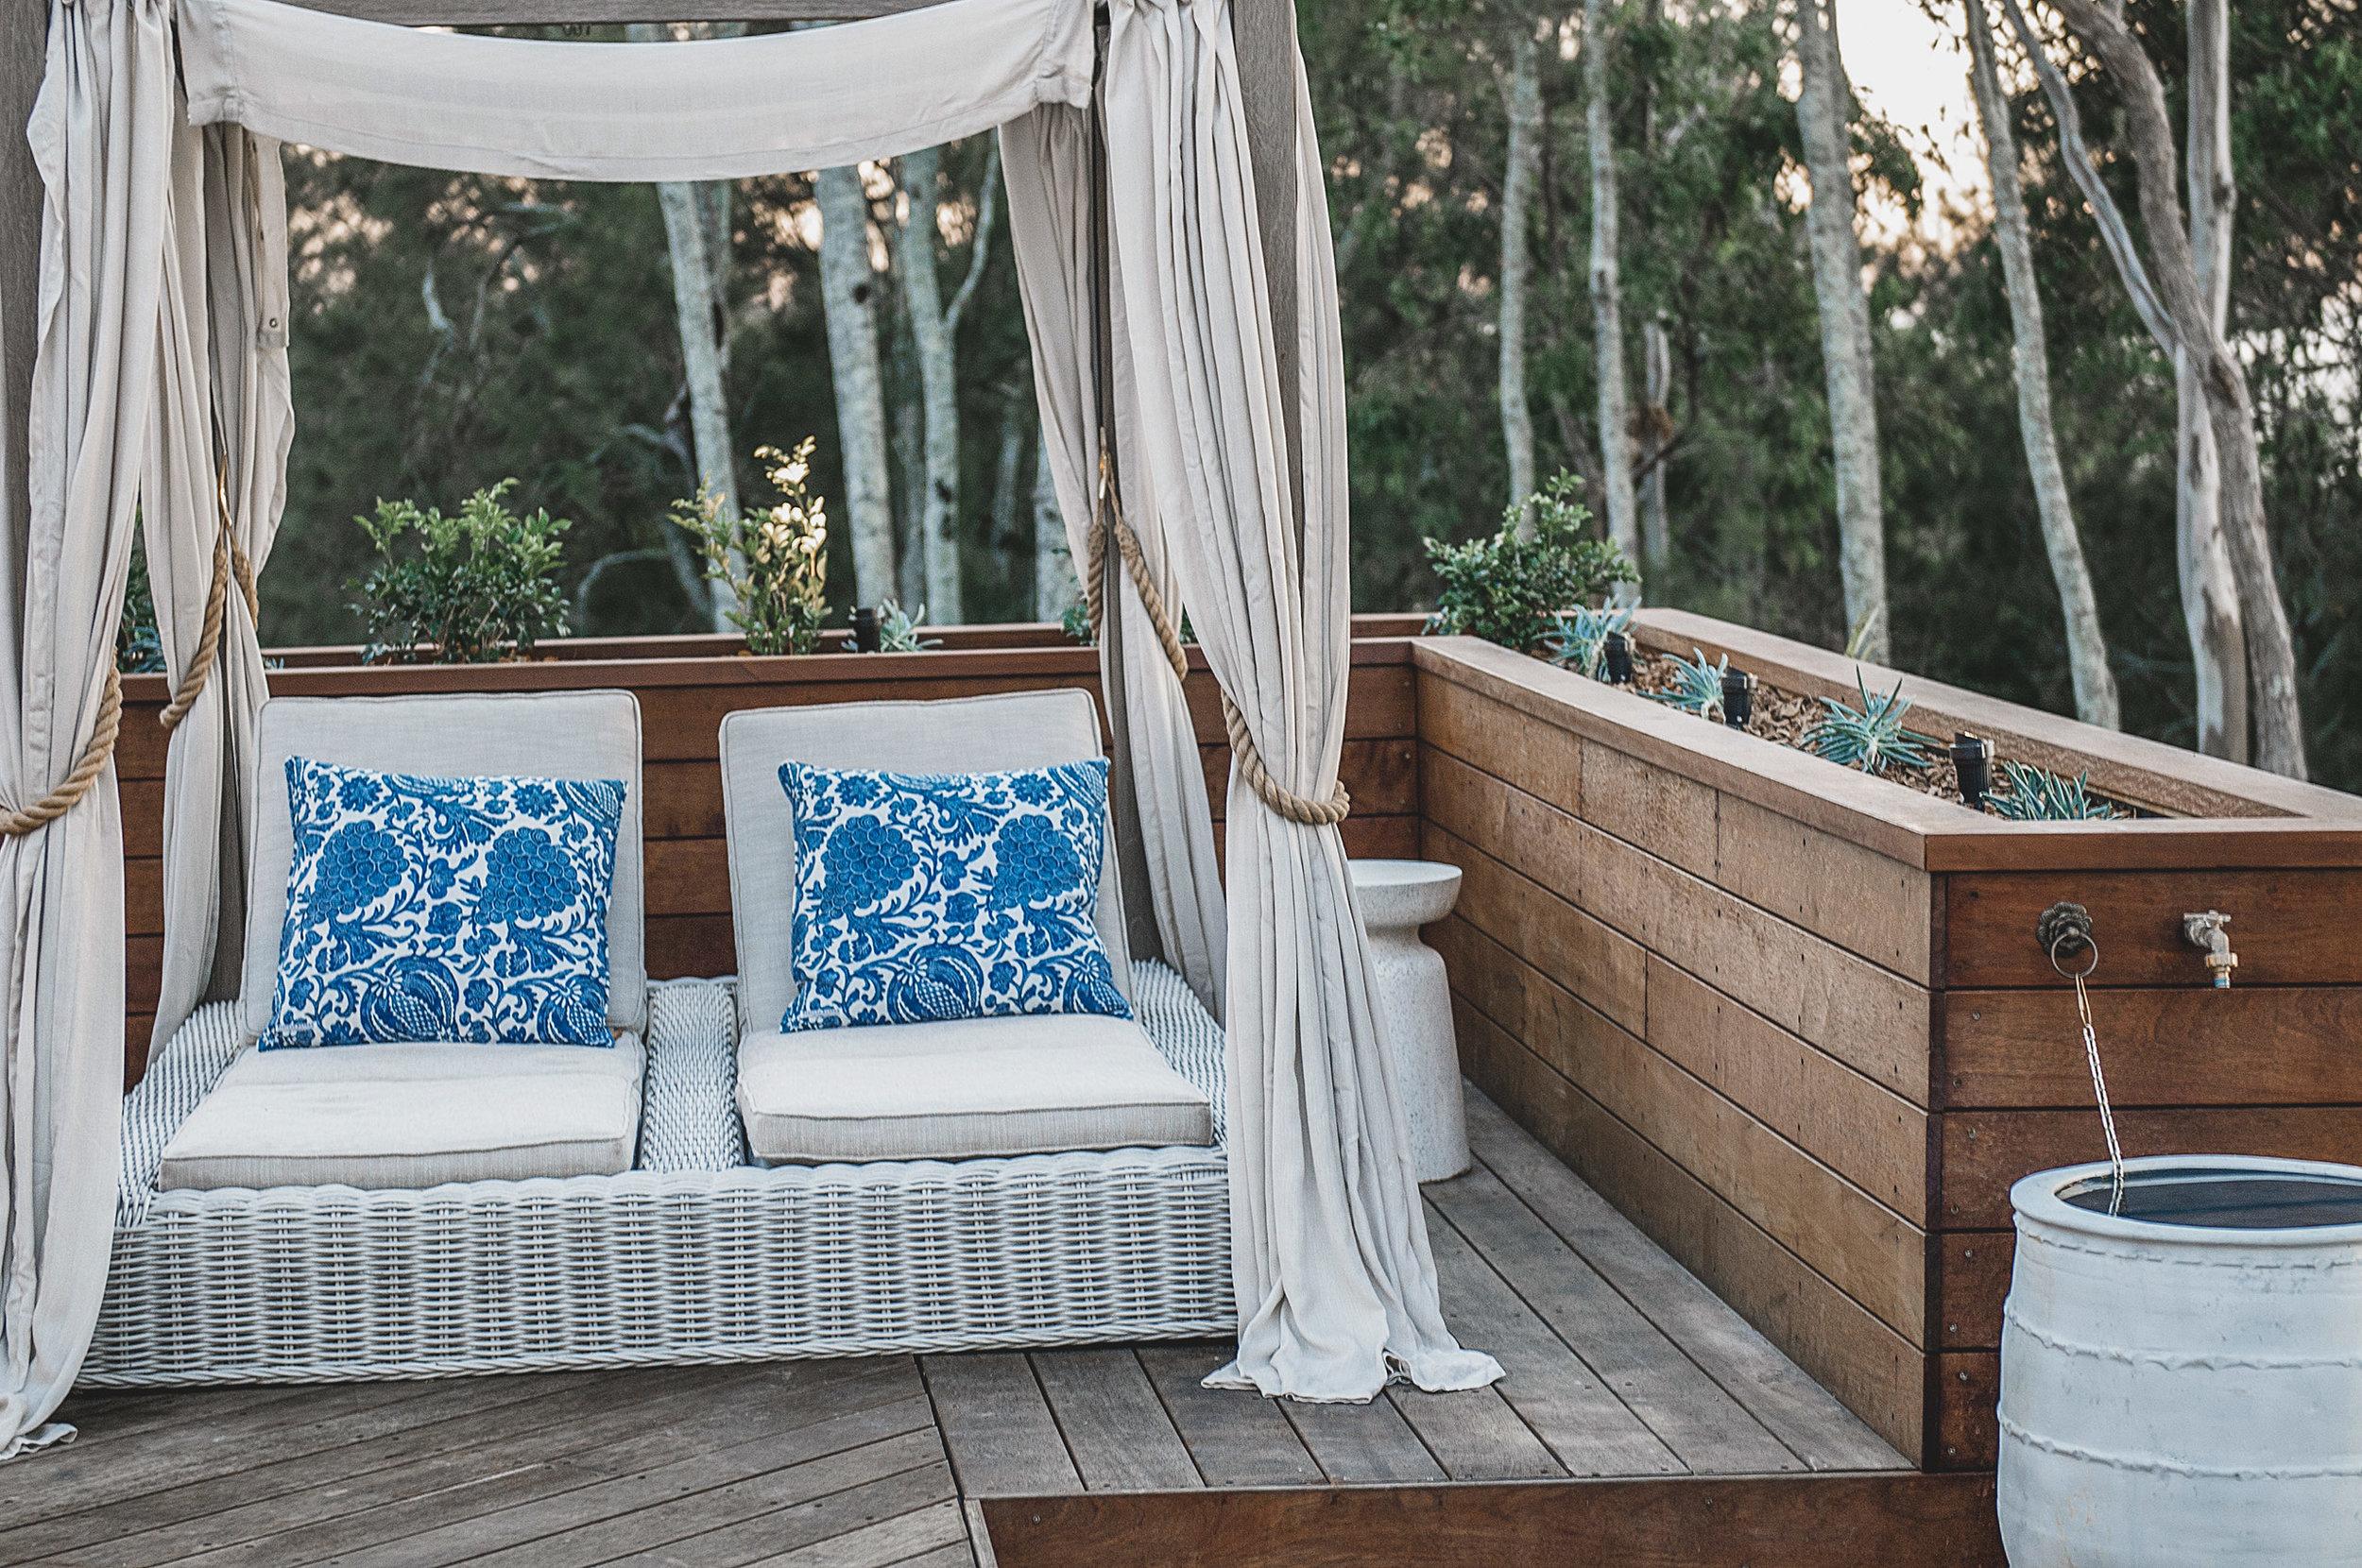 Barellen-2e-Beach-Side-Deck---Canopy-Chaise-DSC_6516.jpg